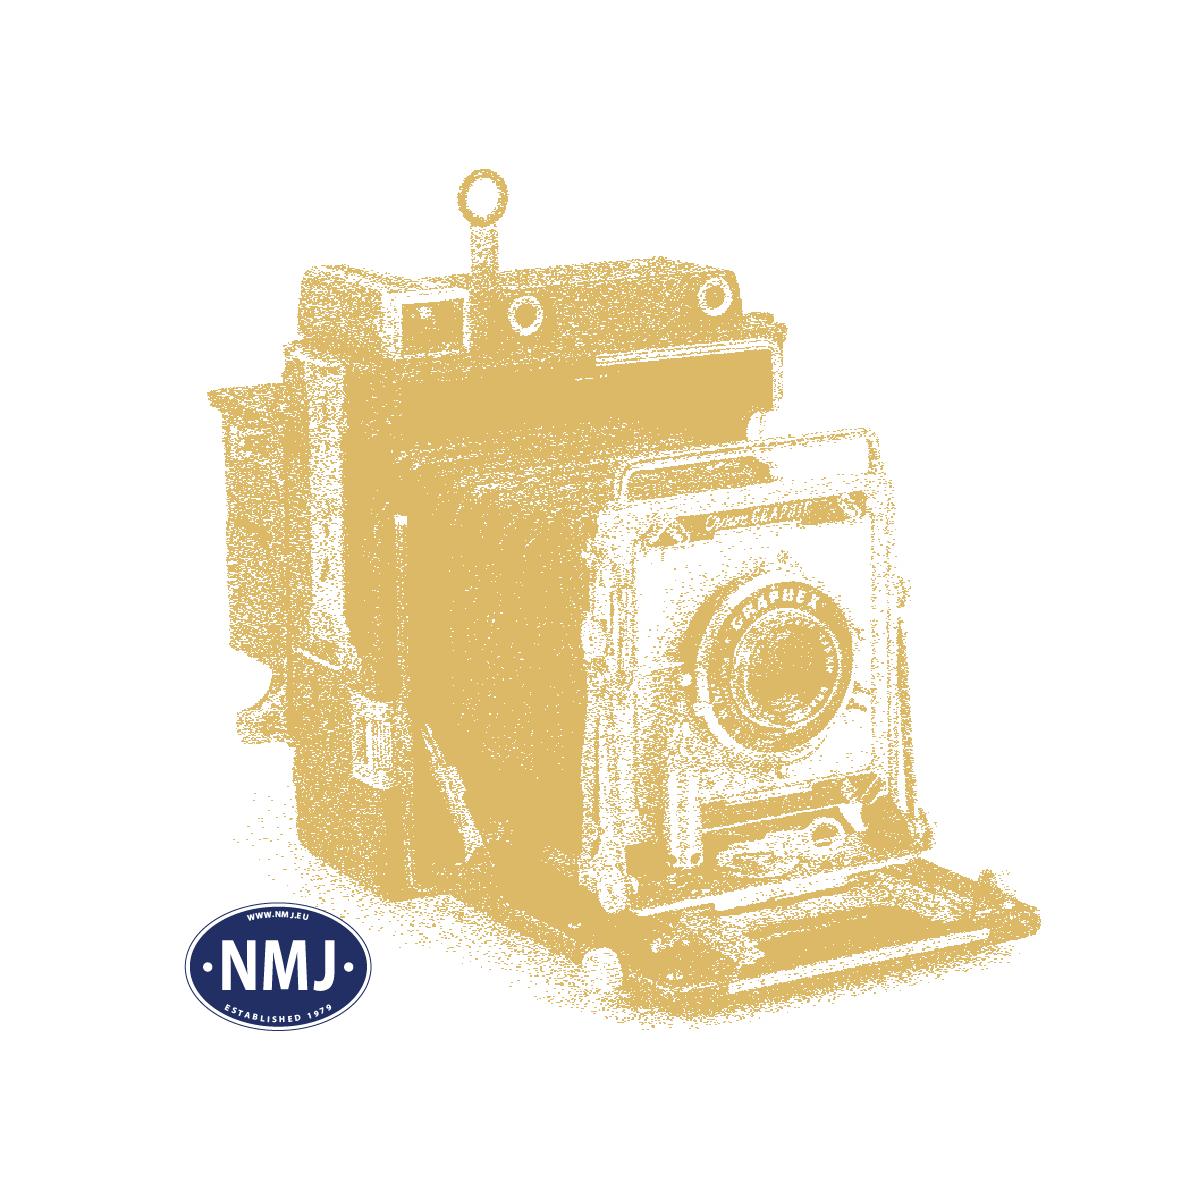 ART387.393 - Gruvevogner m/ Kran, Ferdigmodeller